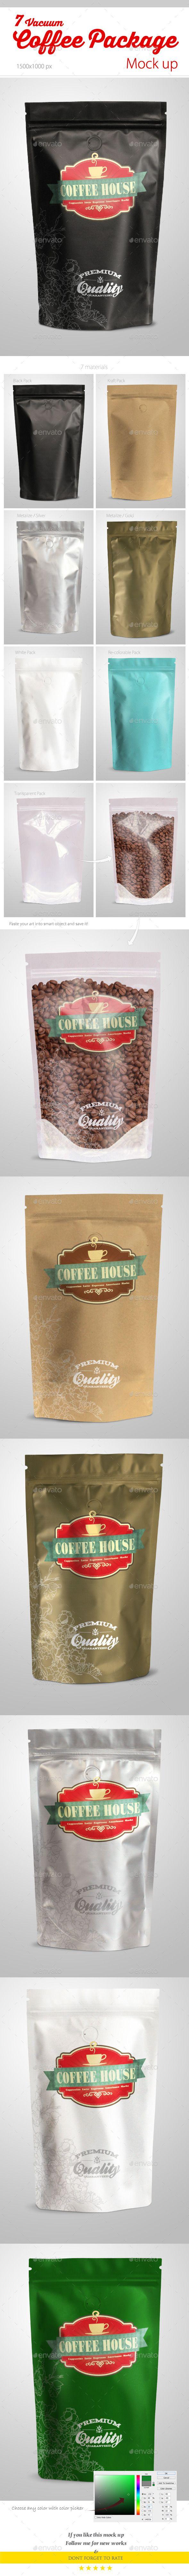 Coffee Vacuum Package Mock-up | Buy and Download: http://graphicriver.net/item/coffee-vacuum-package-mockup/9848938?ref=ksioks